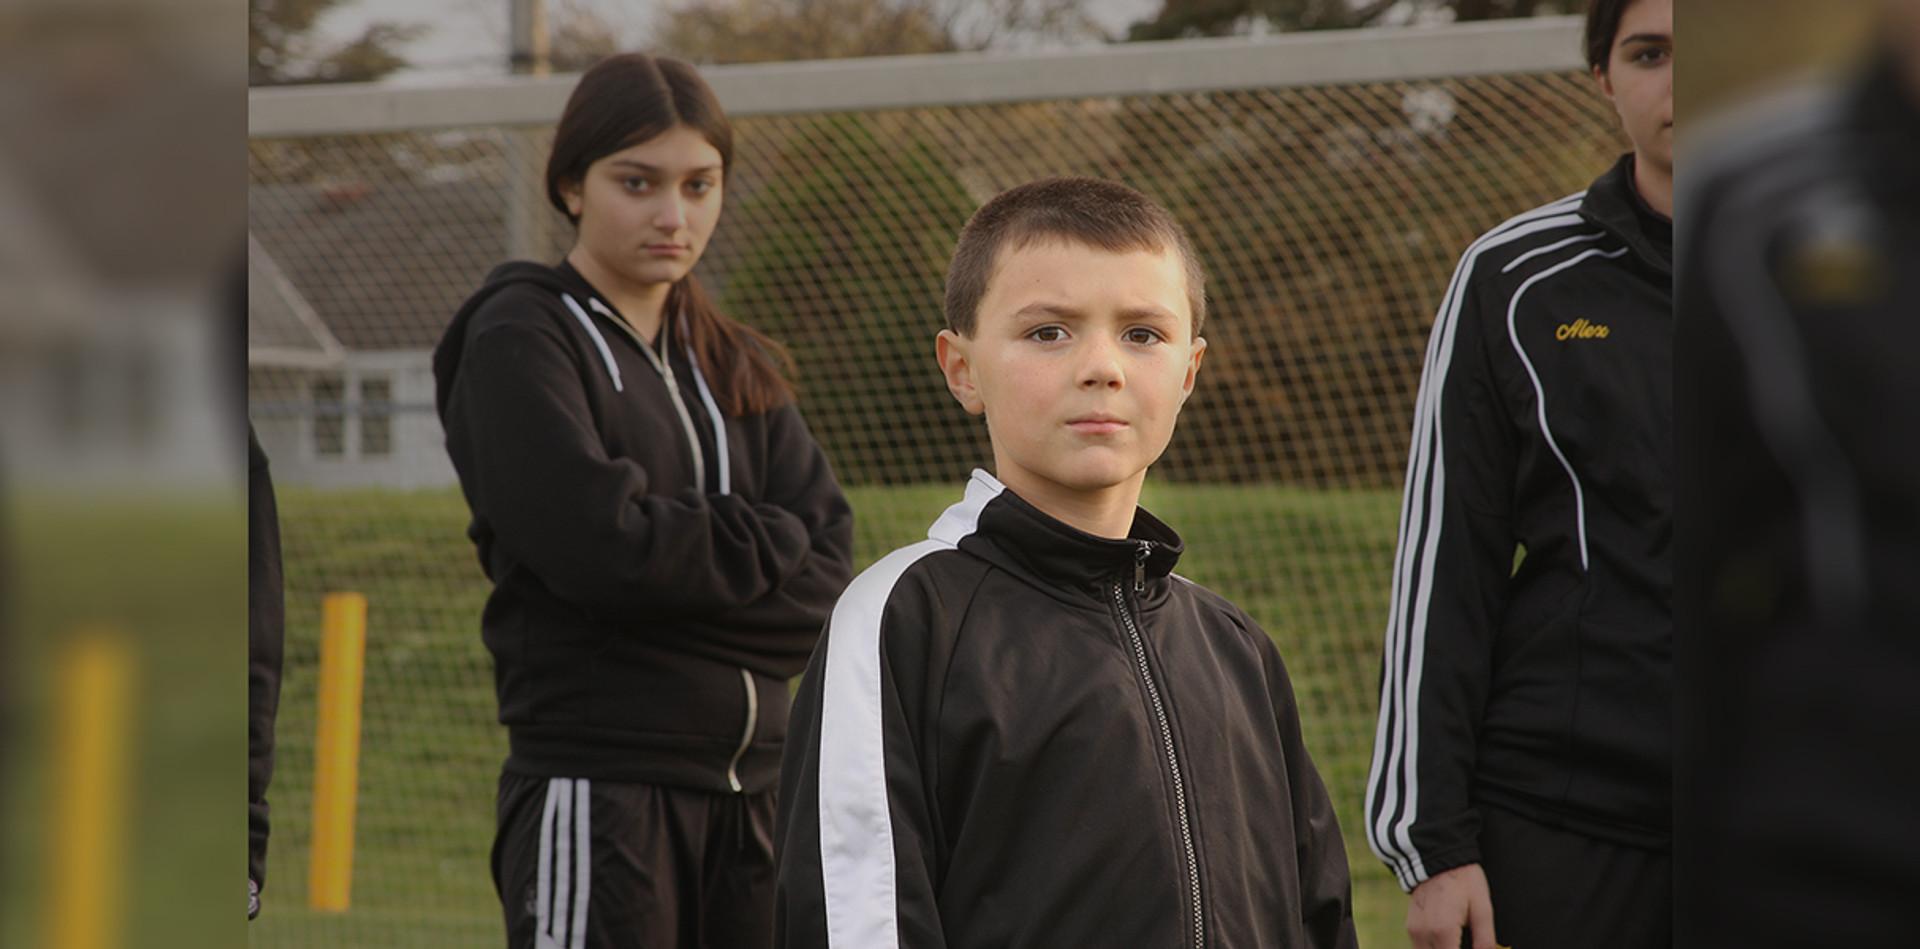 3 kids on field